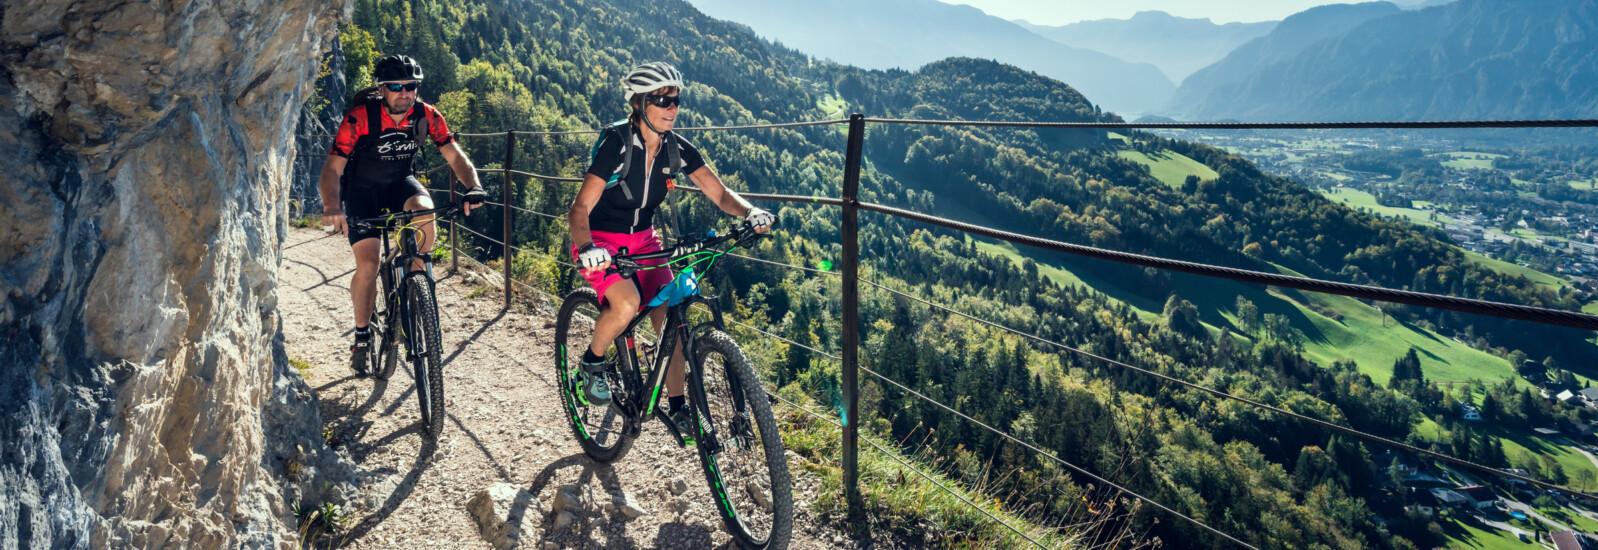 Salzkammergut Mountainbike Trophy Trainingsstrecke